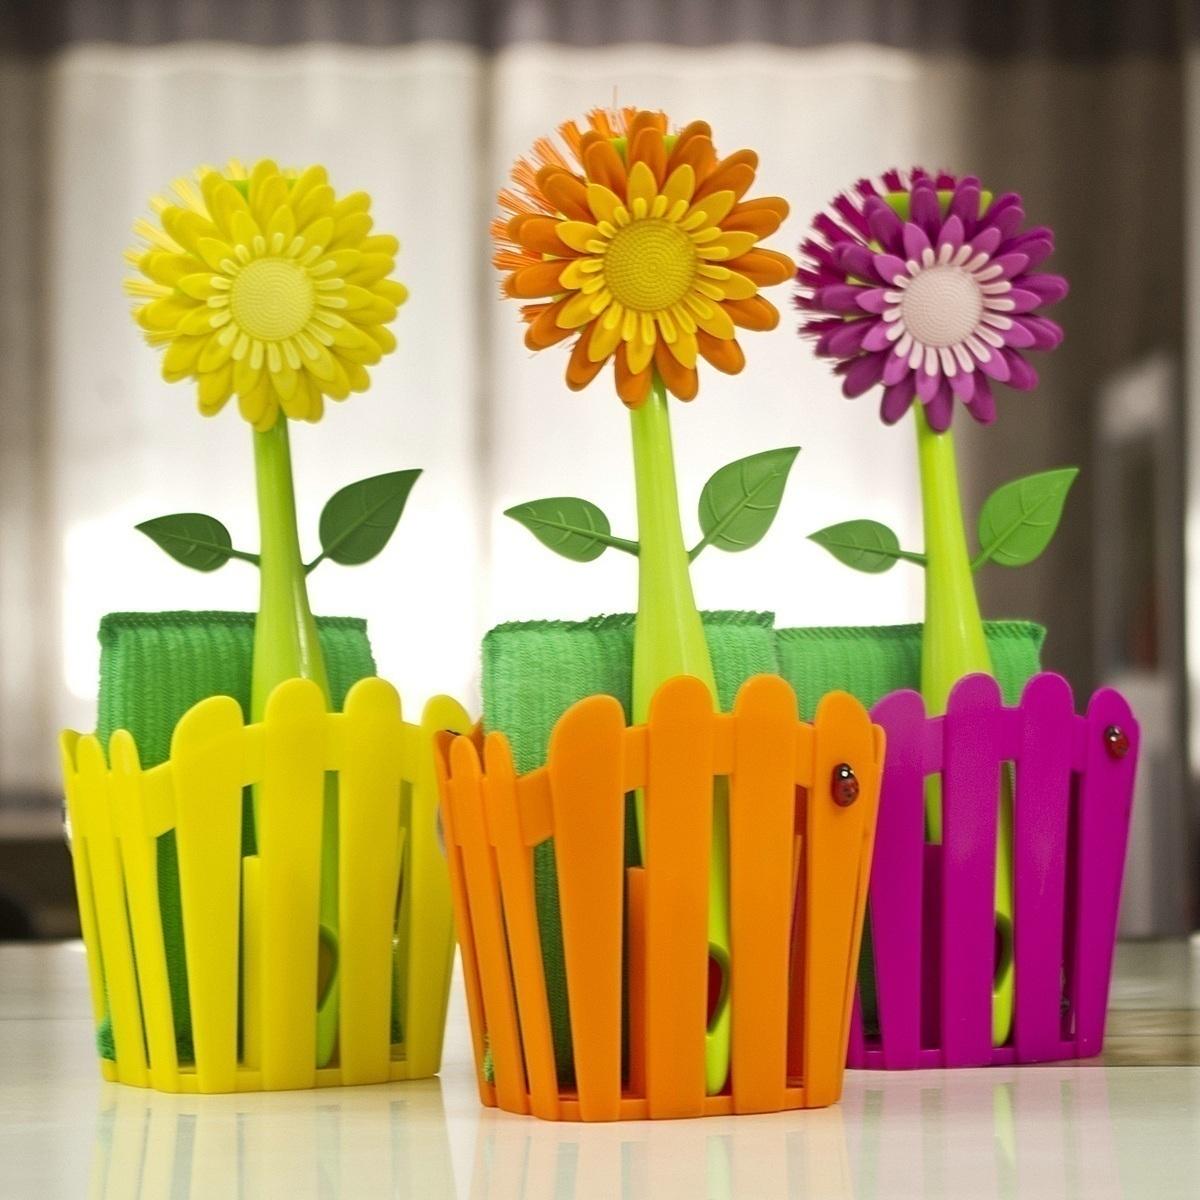 正品Vigar維宜卡清潔刷鍋刷歡樂綻放太陽花創意家居刷子萬用刷